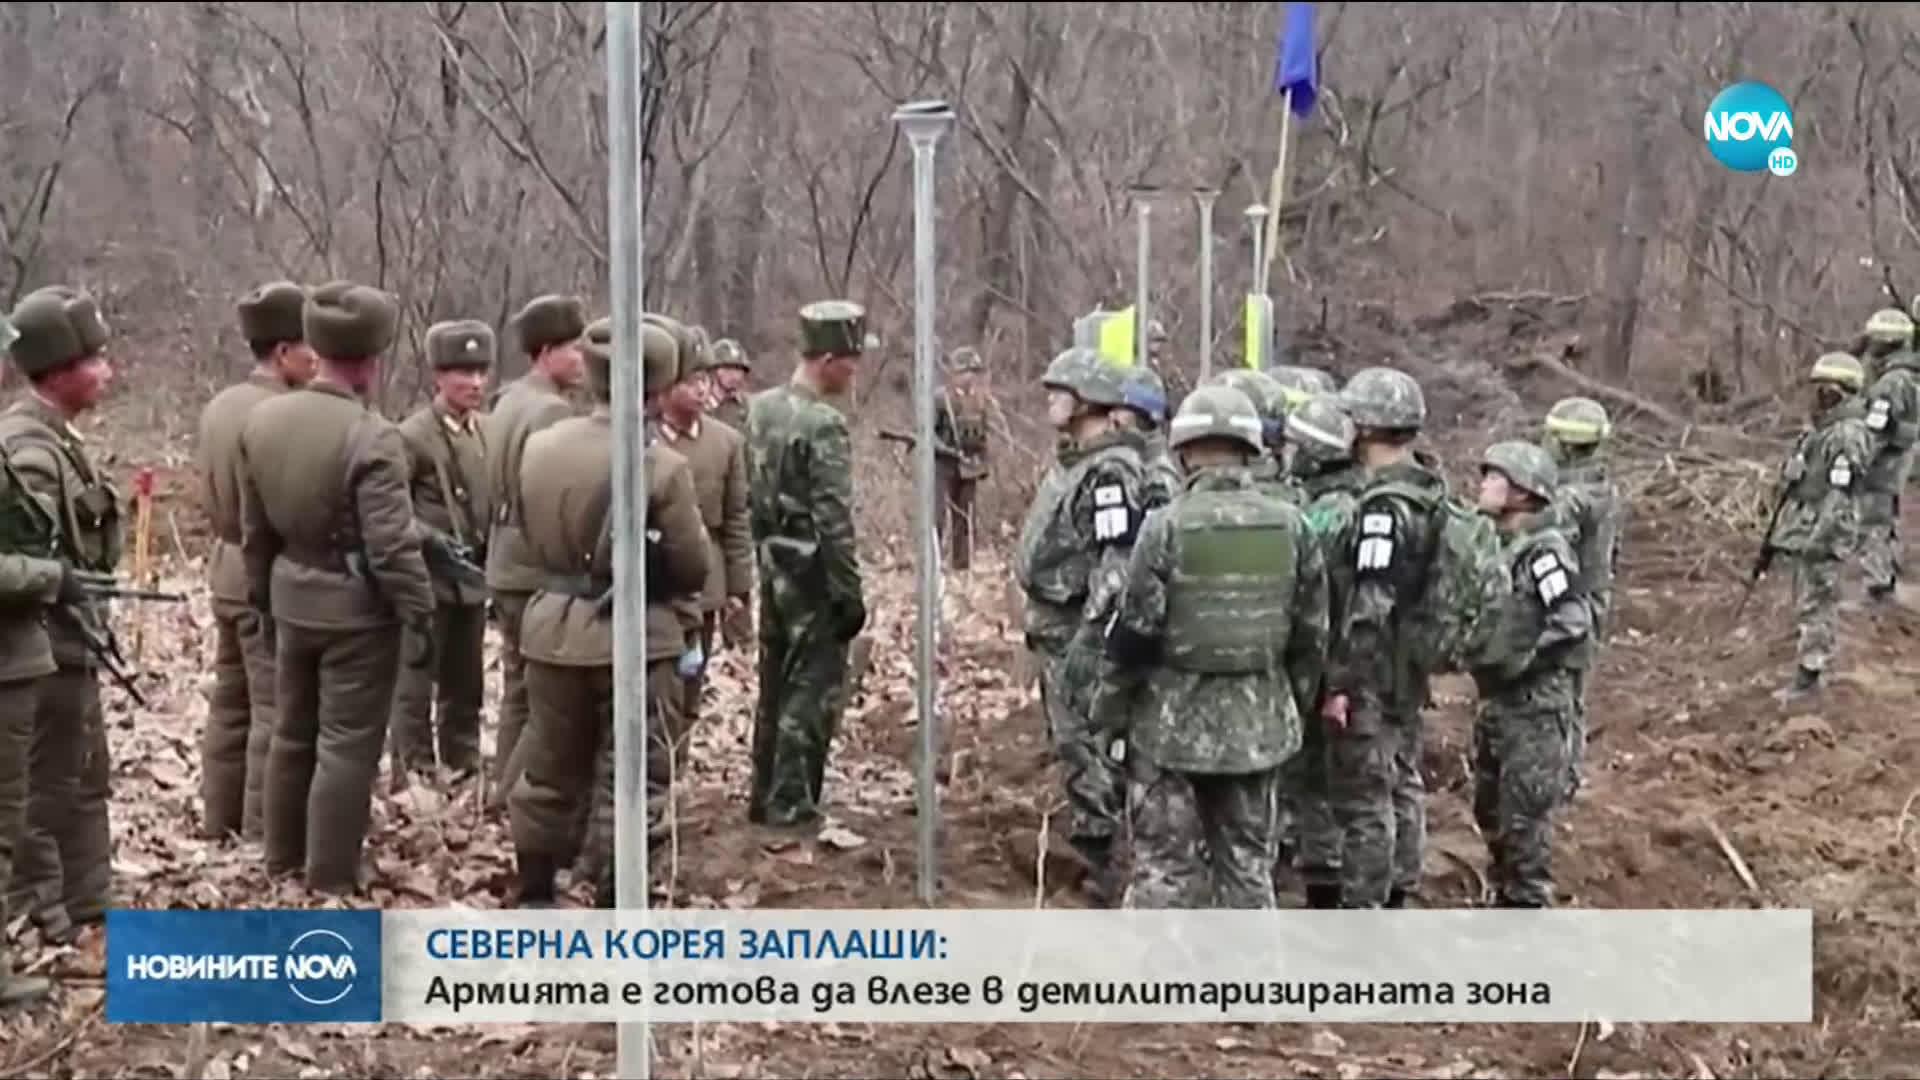 Северна Корея заплаши: Армията е готова да влезе в демилитаризираната зона